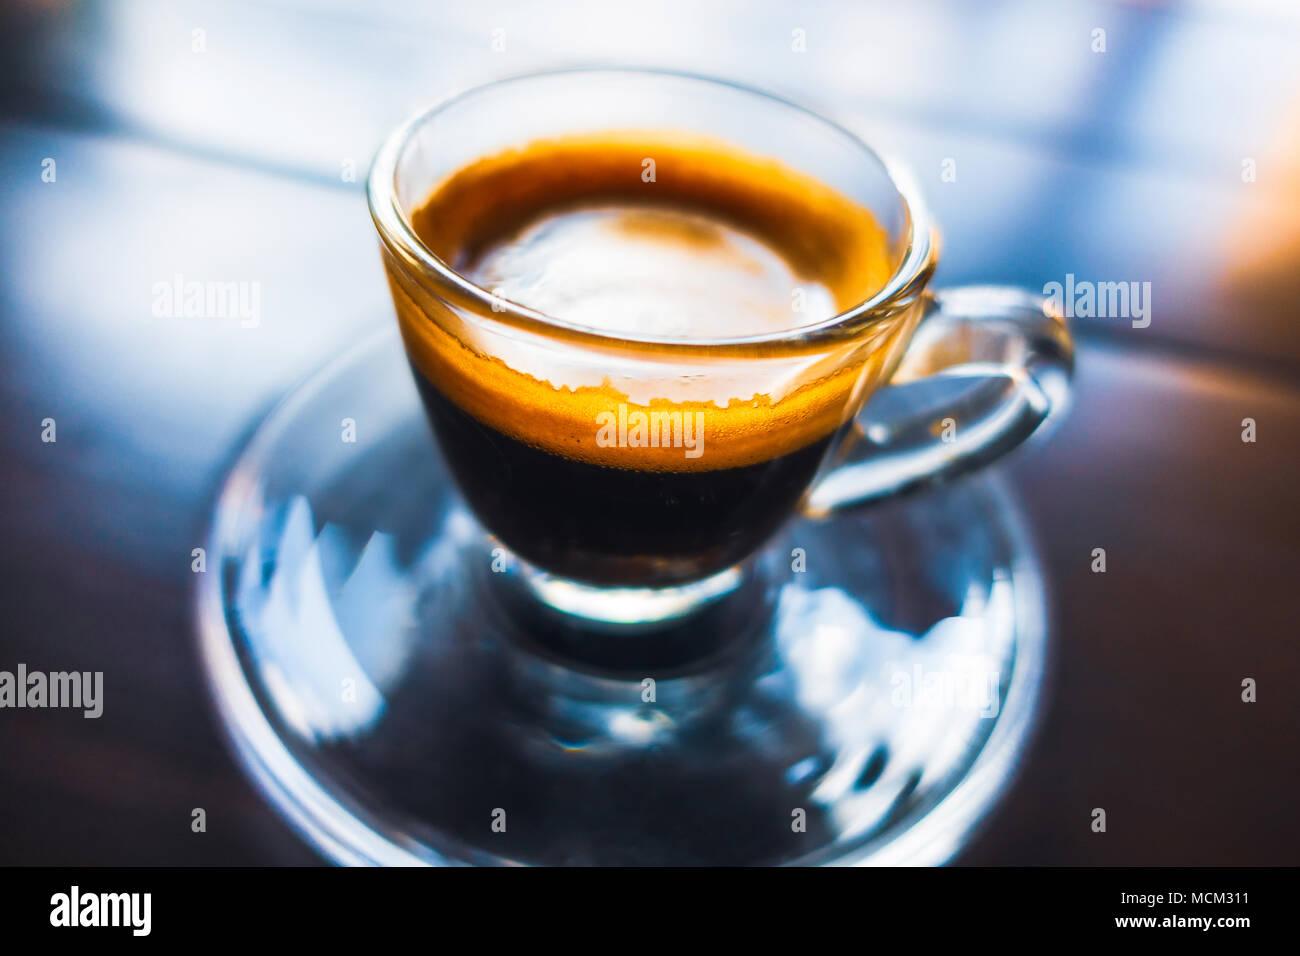 Machine à café expresso en verre tasse sur la table en bois colorés, reflets et profondeur de champ. Photo Stock